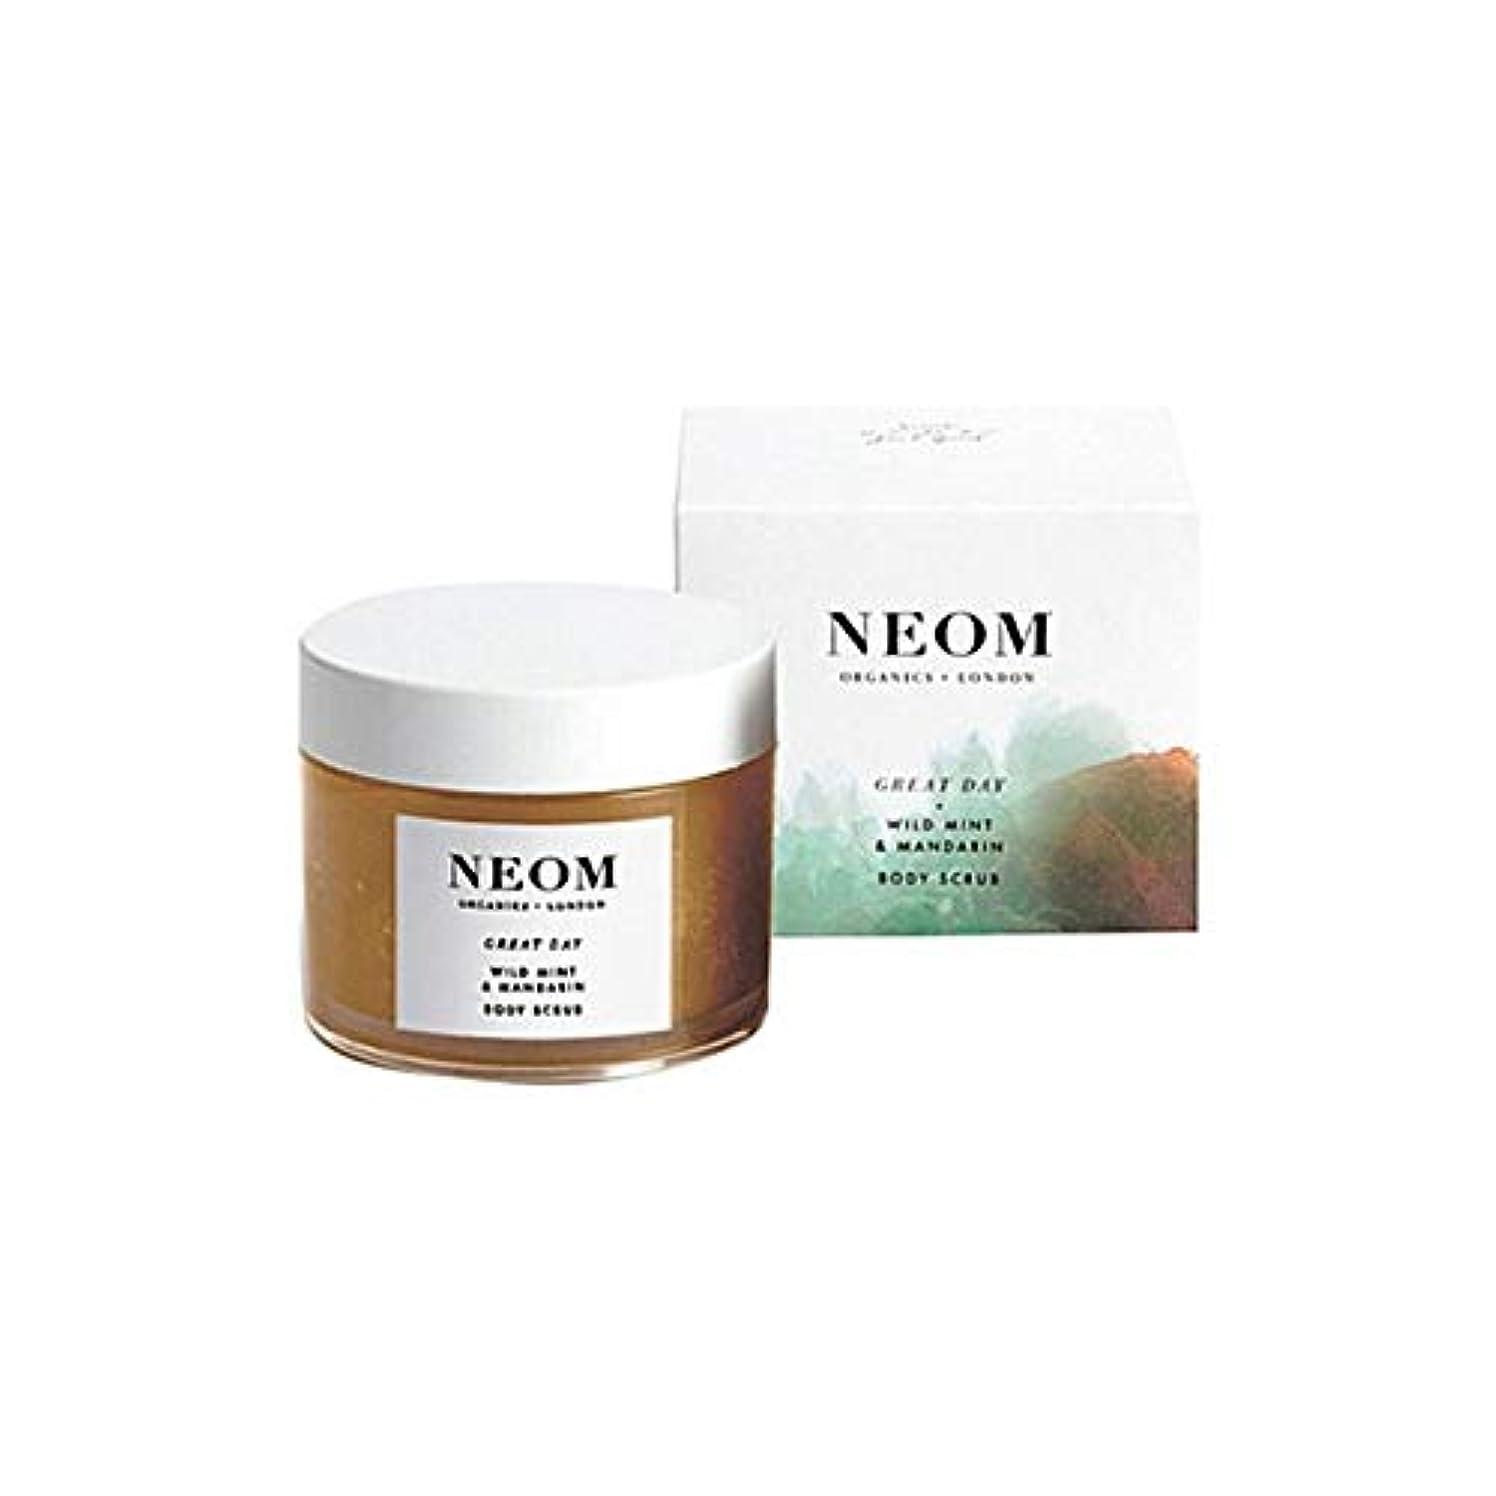 再開マイナス犯罪[Neom] Neom高級有機物素晴らしい一日ボディスクラブ332グラム - Neom Luxury Organics Great Day Body Scrub 332G [並行輸入品]